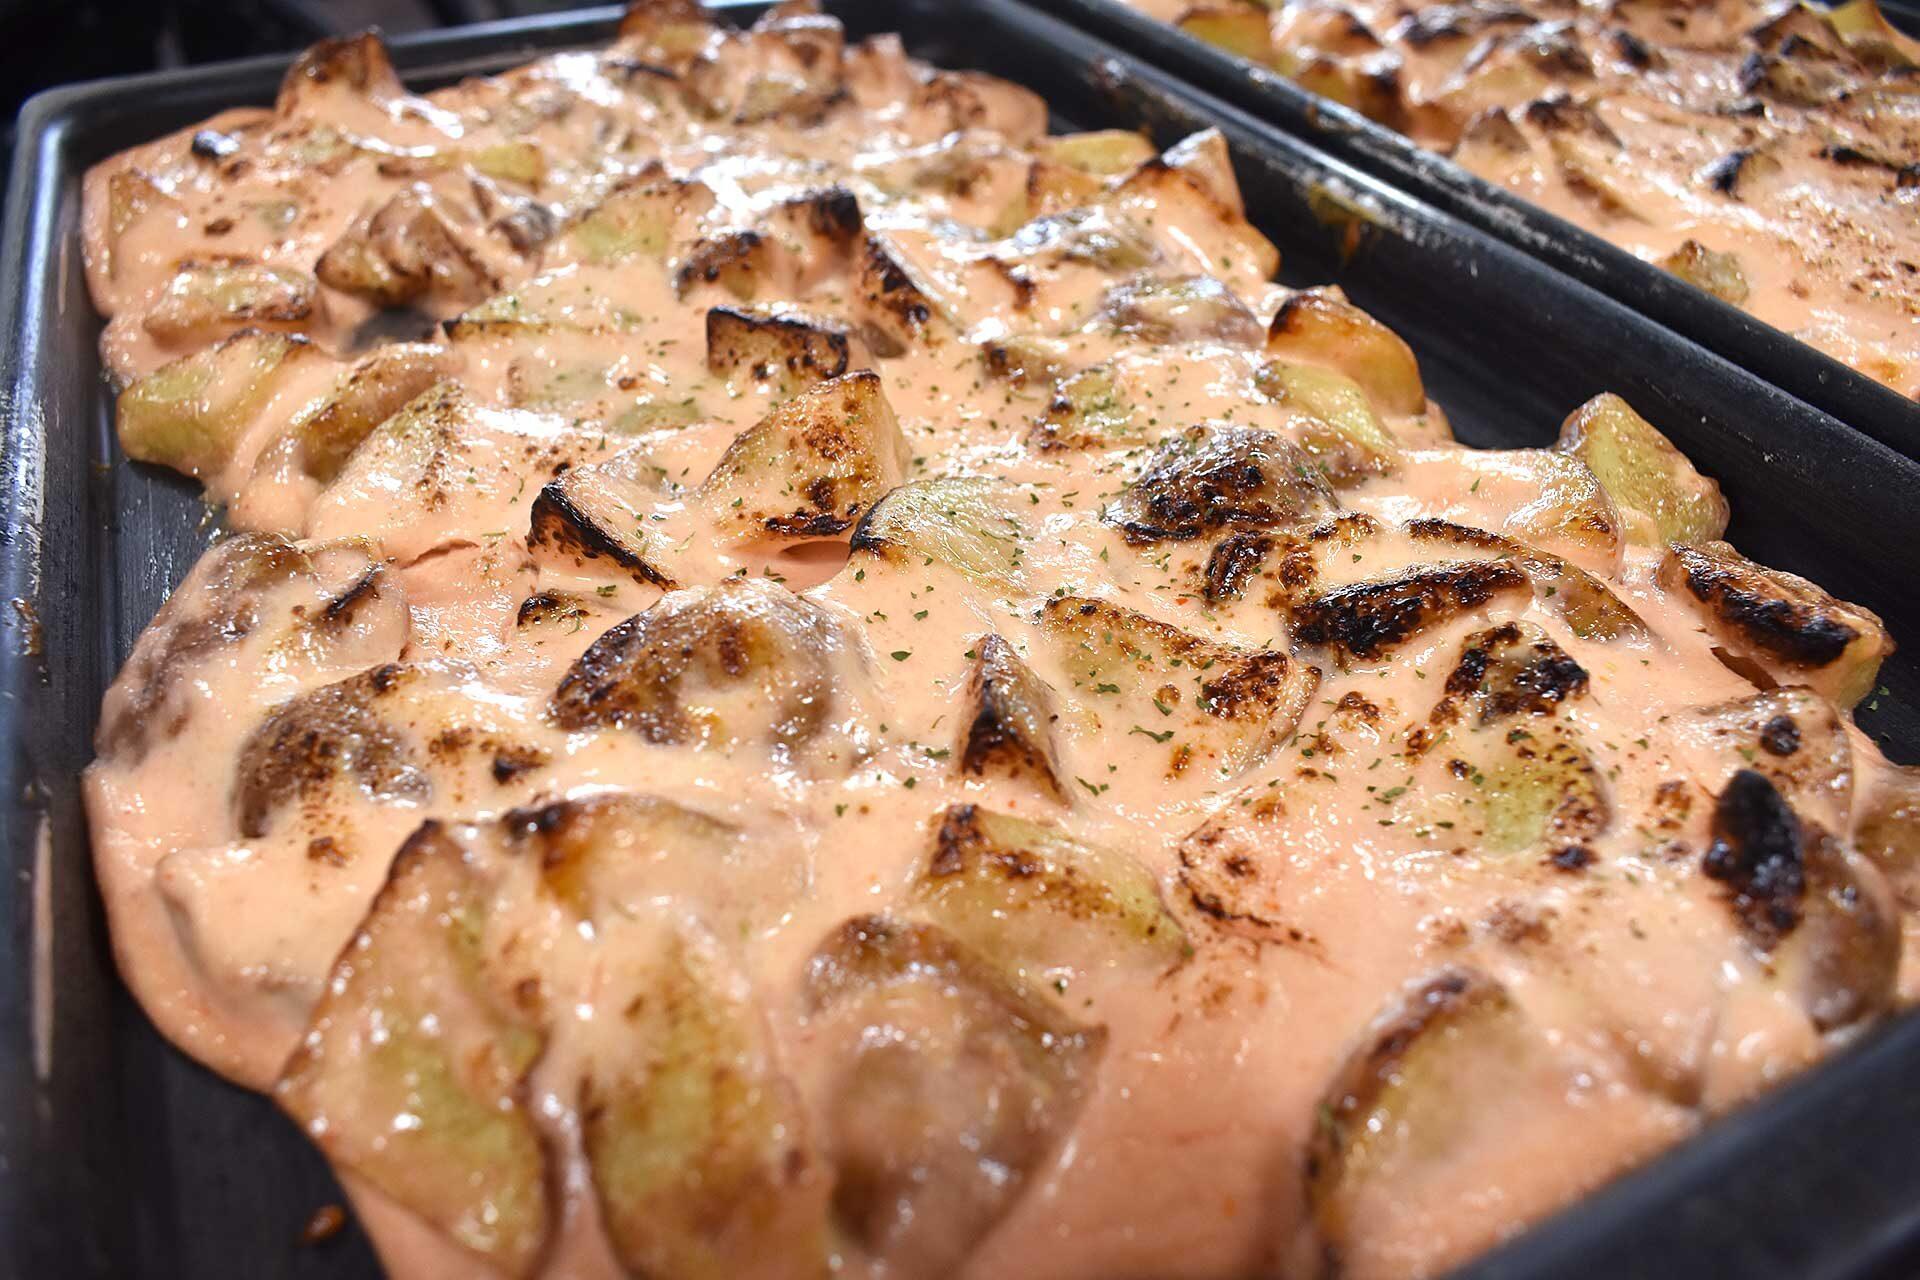 明太マヨポテトのオーブン焼き